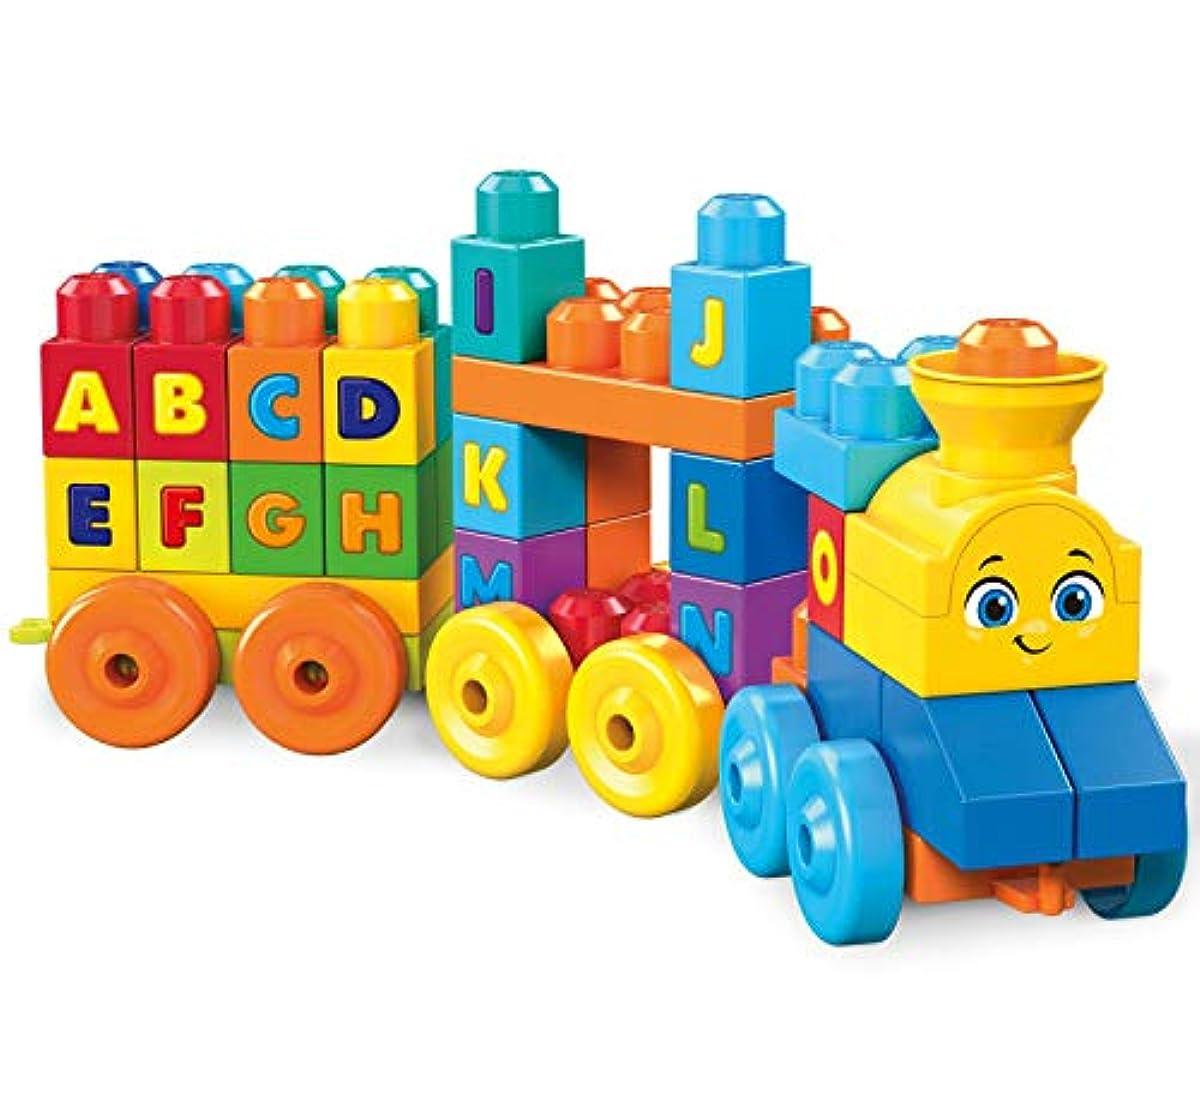 메가블럭 ABC 장난감 완구 블록 기차 빌딩 세트 50pcs Mega Bloks ABC Musical Train Building Set